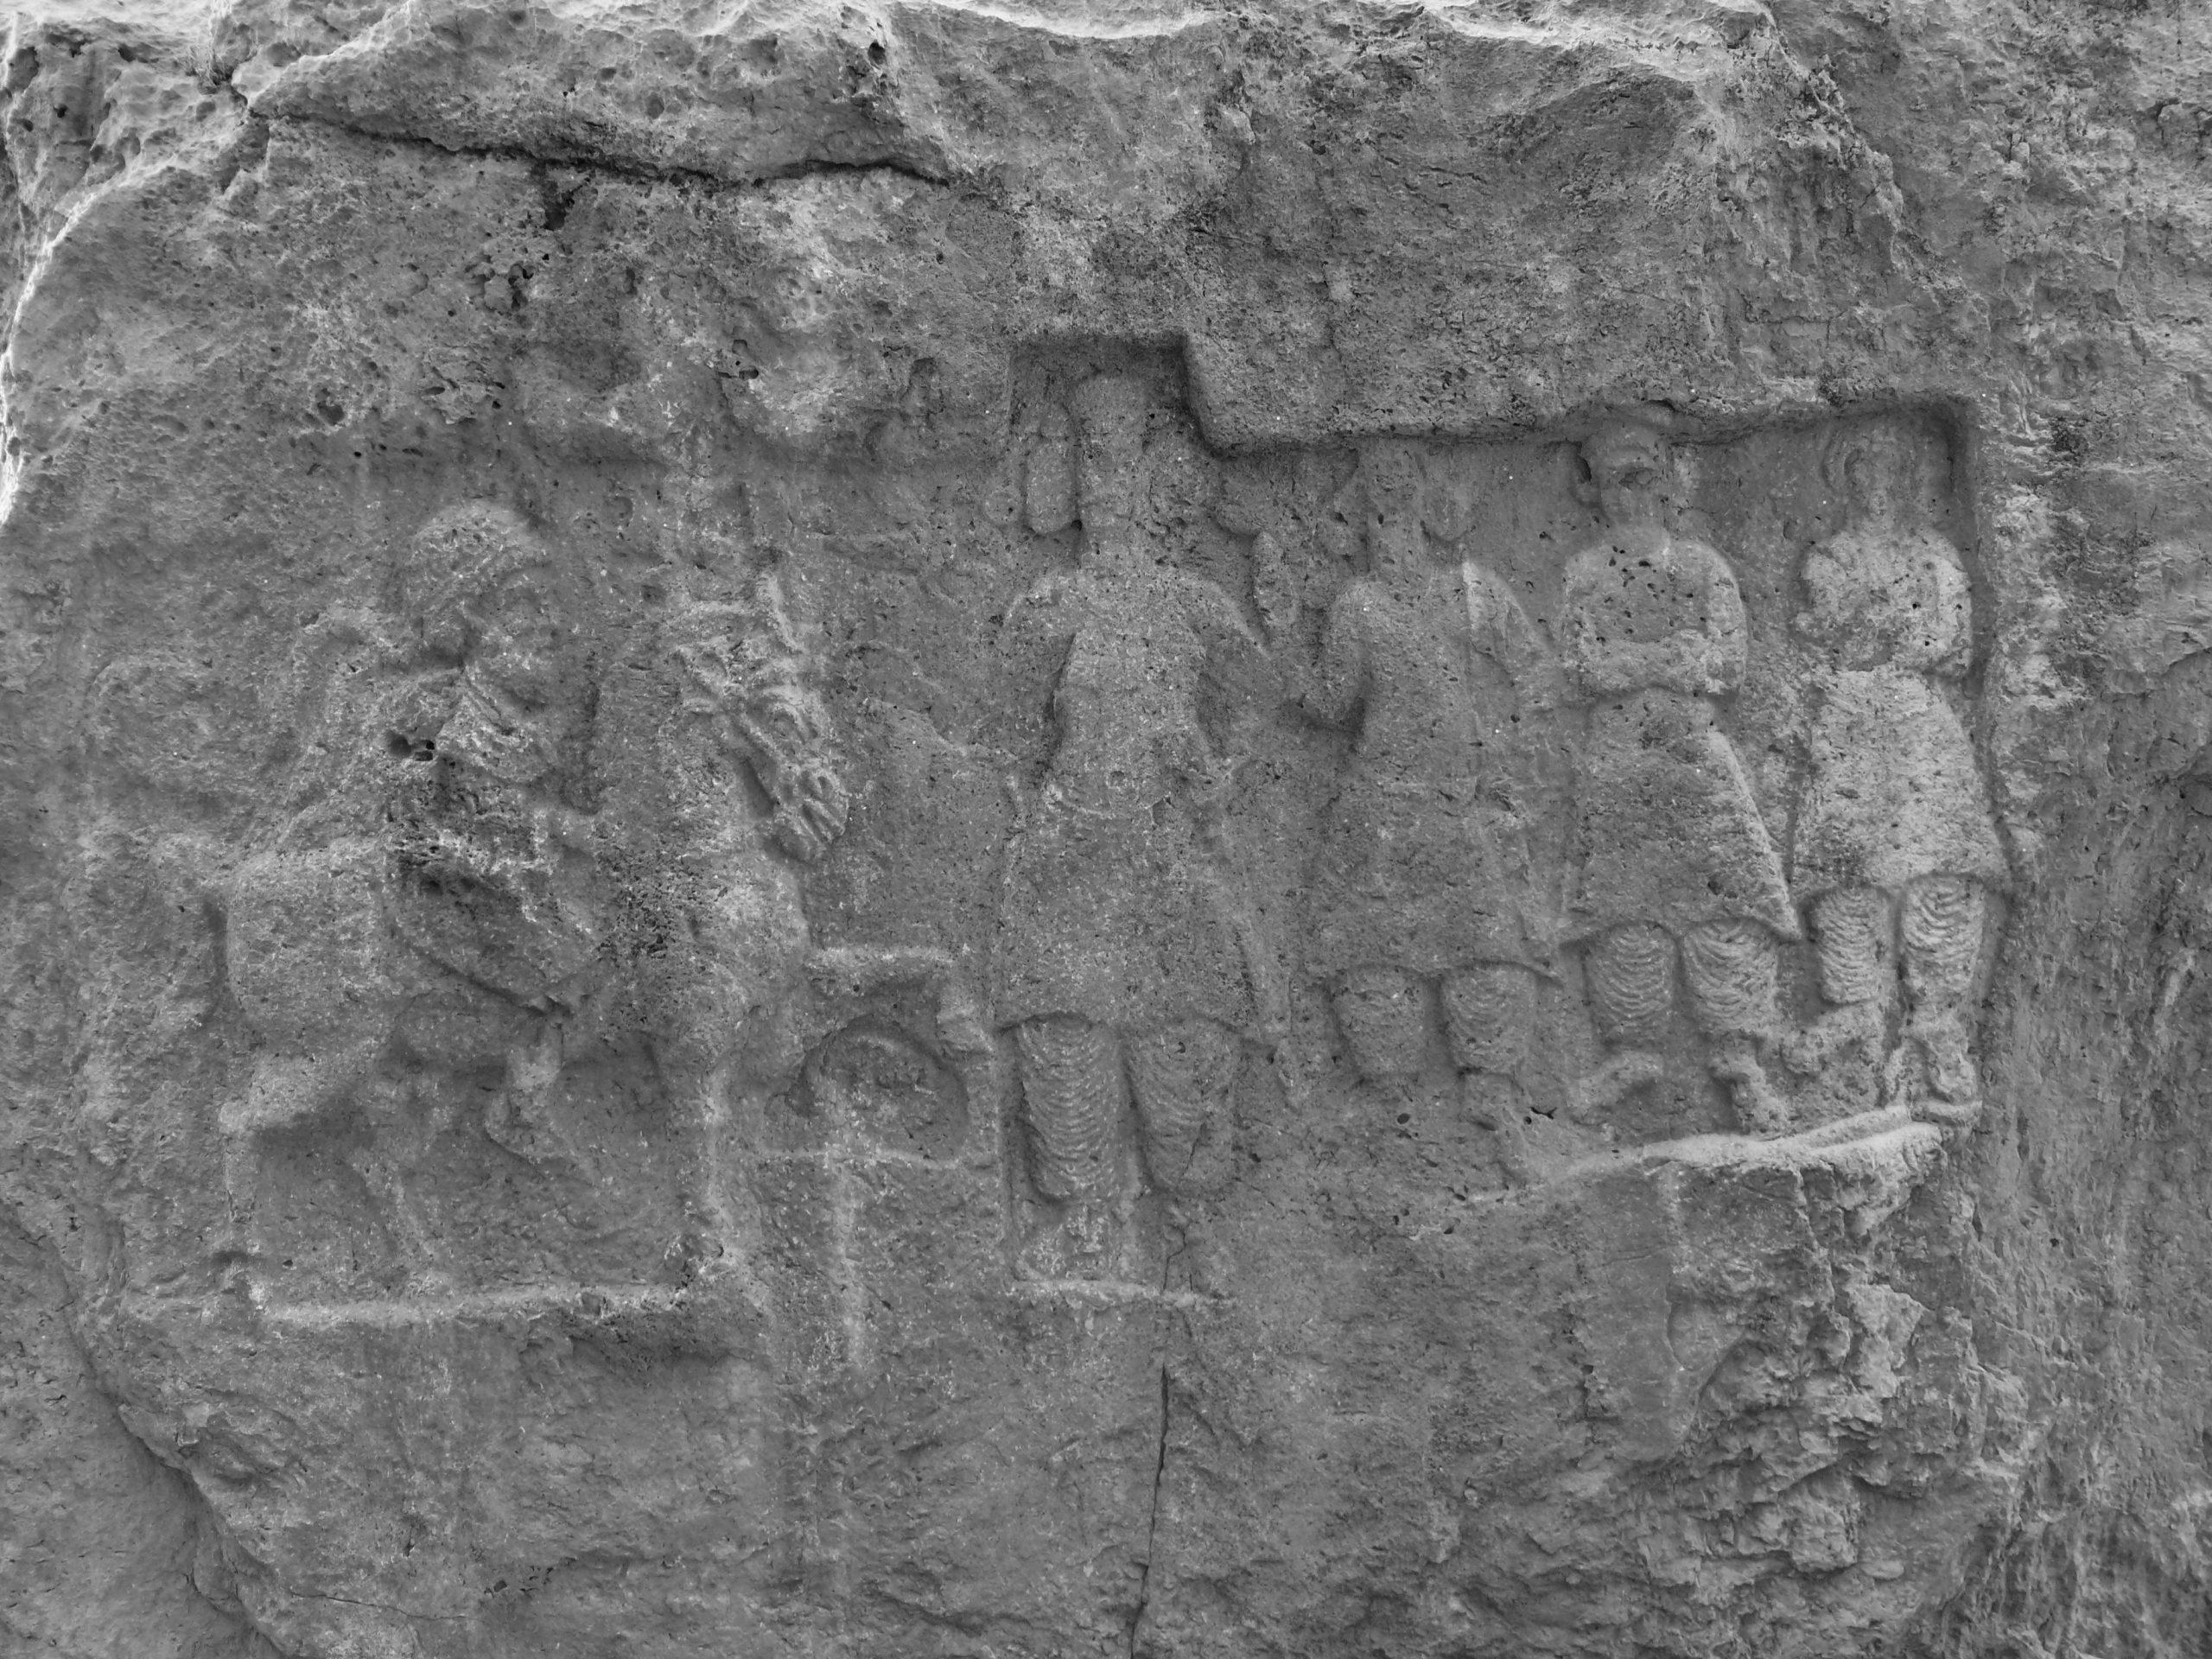 نابودی آثار باستانی خوزستان؛ یکی پس از دیگری